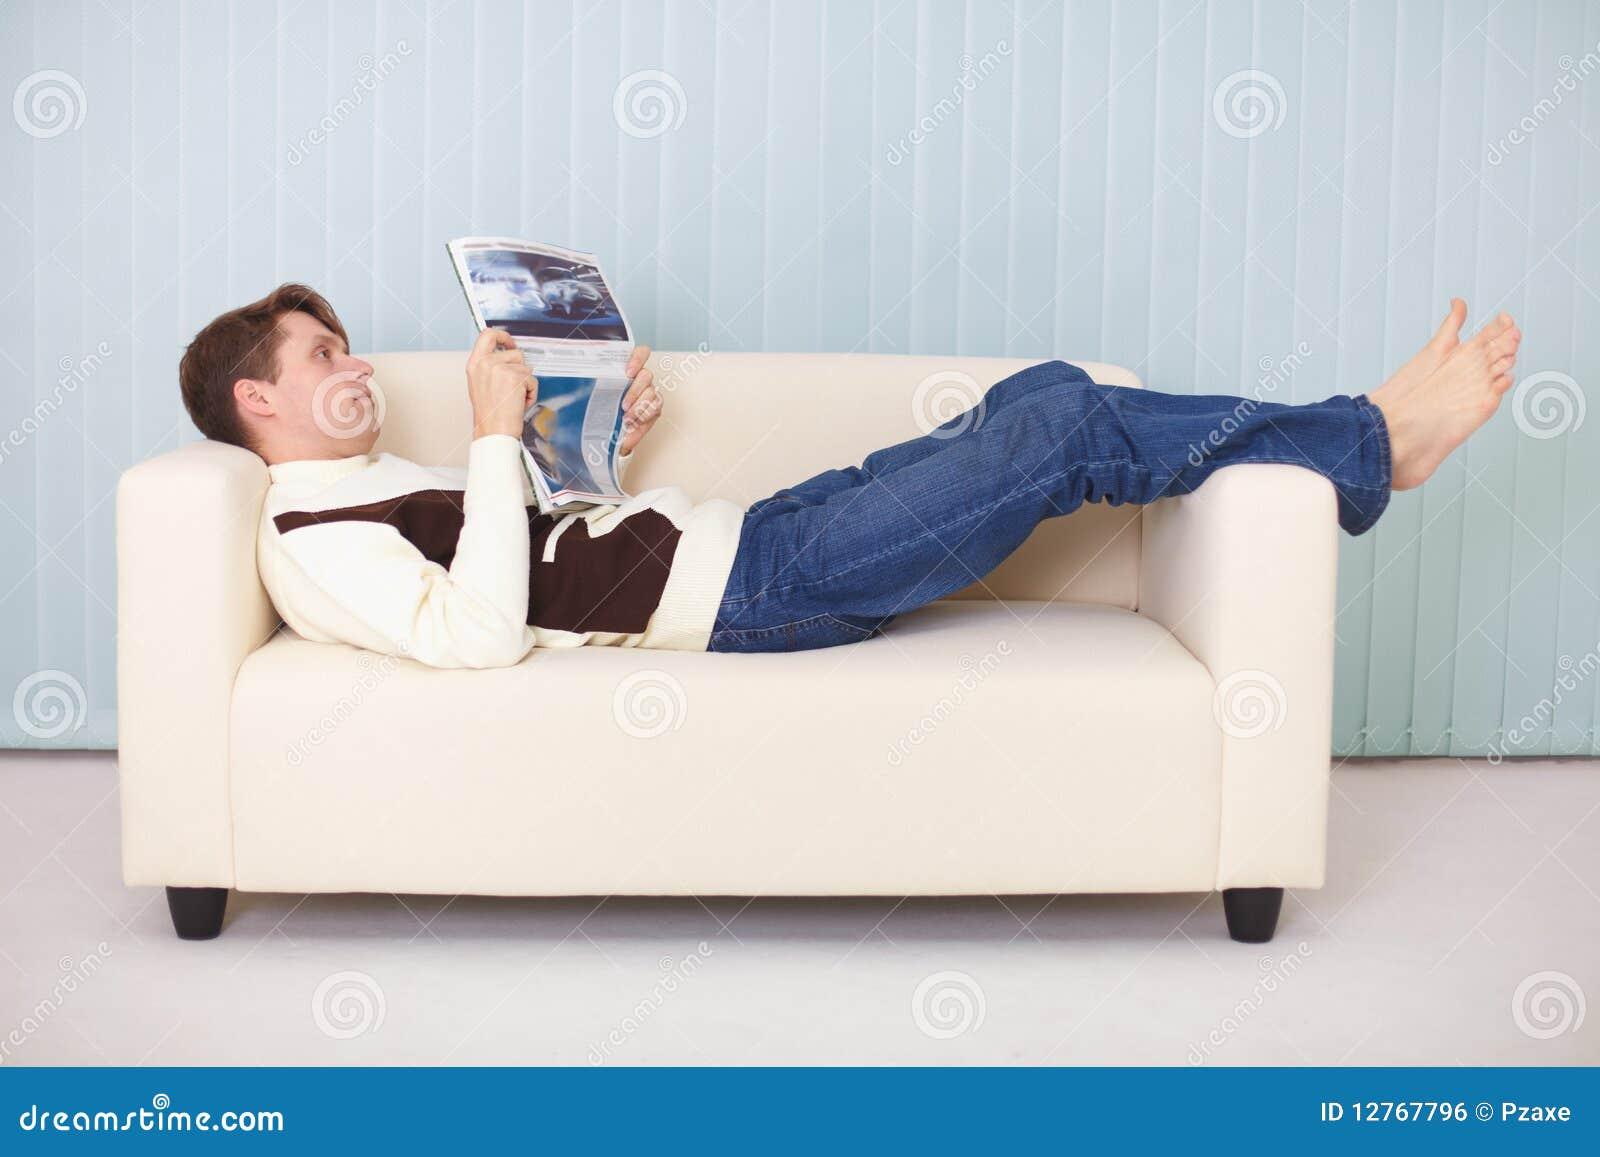 Сидя дома на диване для взрослых 23 фотография